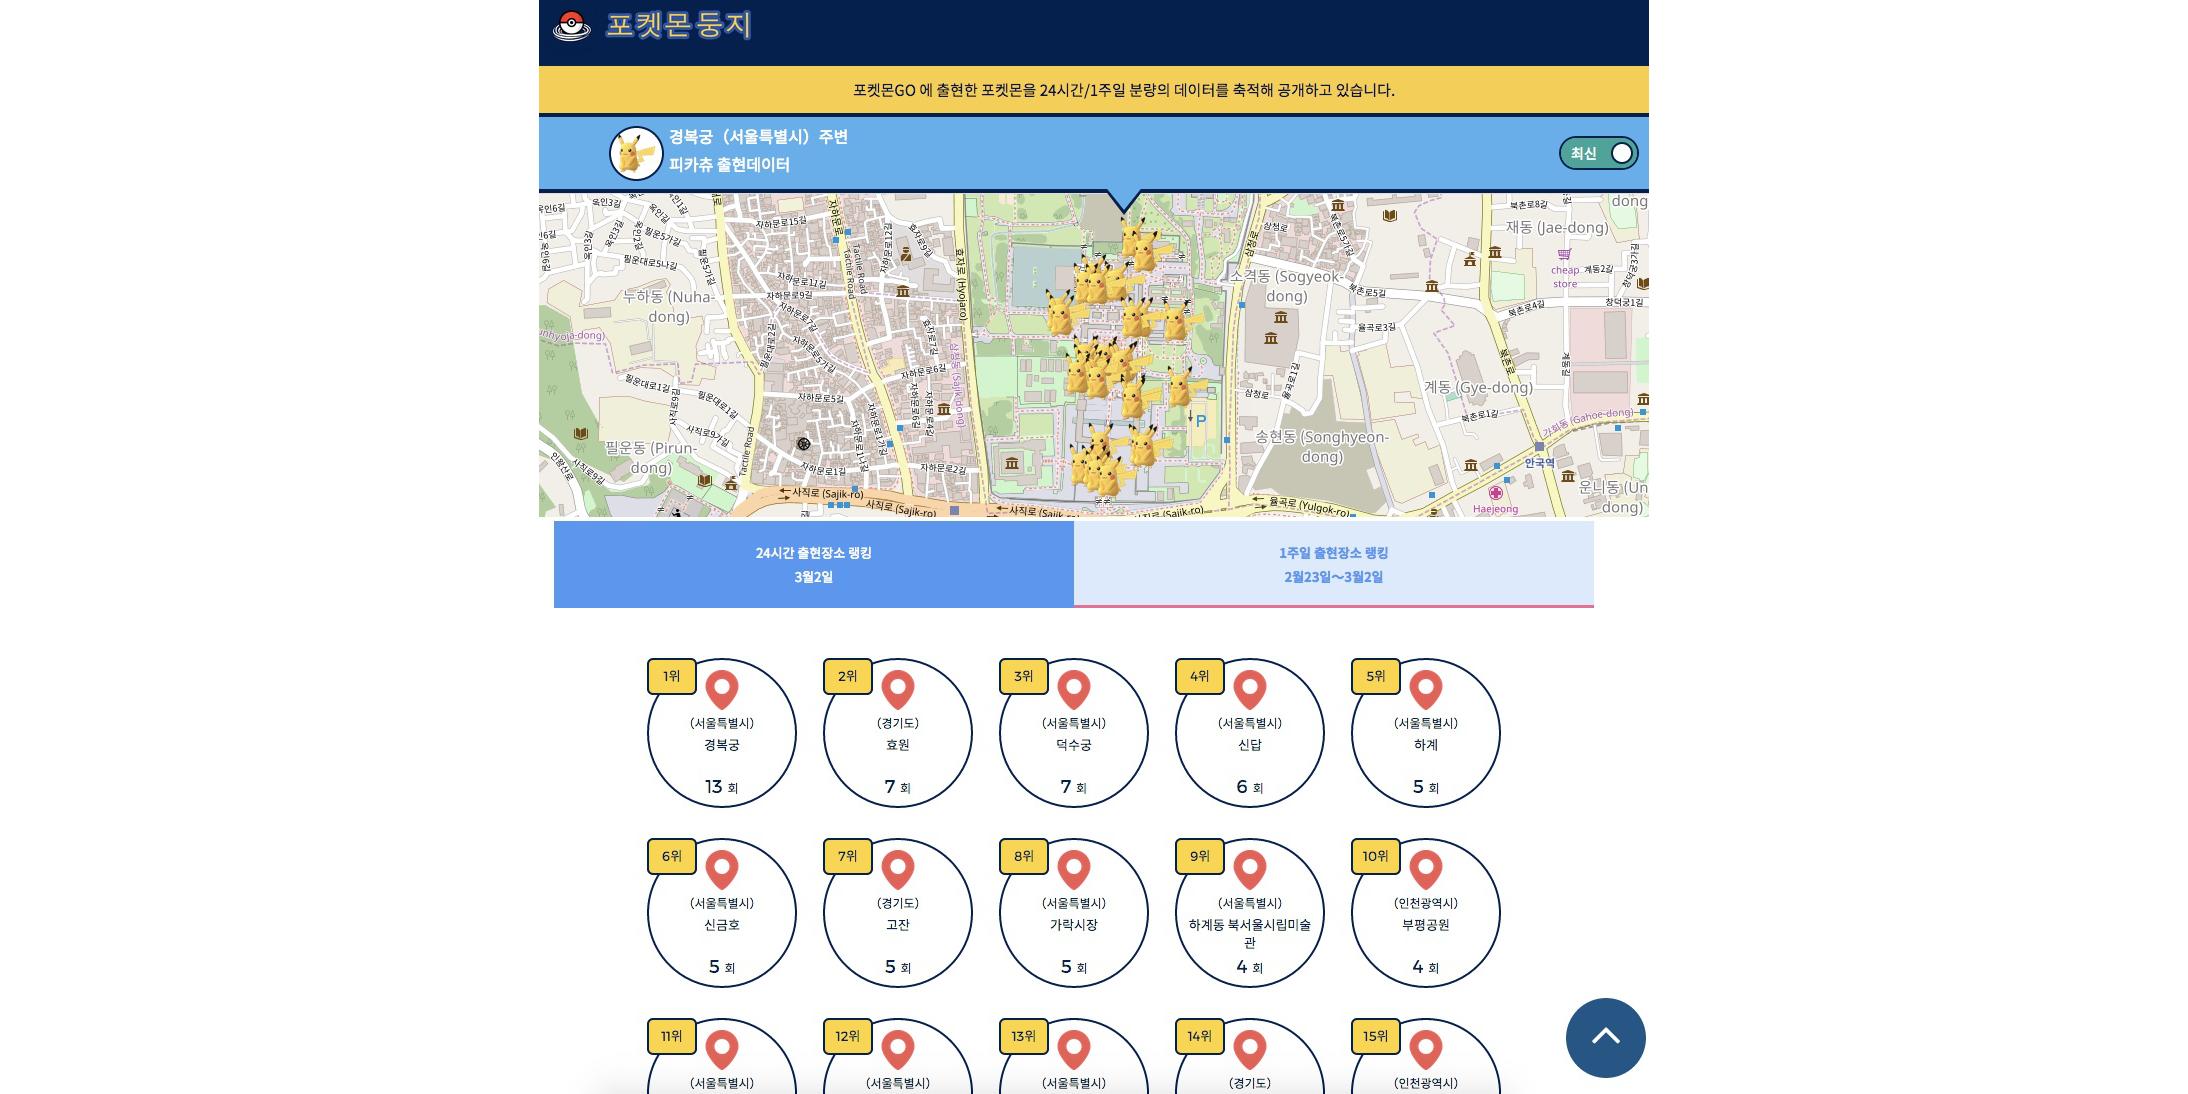 ポケモンの巣.net韓国版リリース!引き続きデータ提供してます!